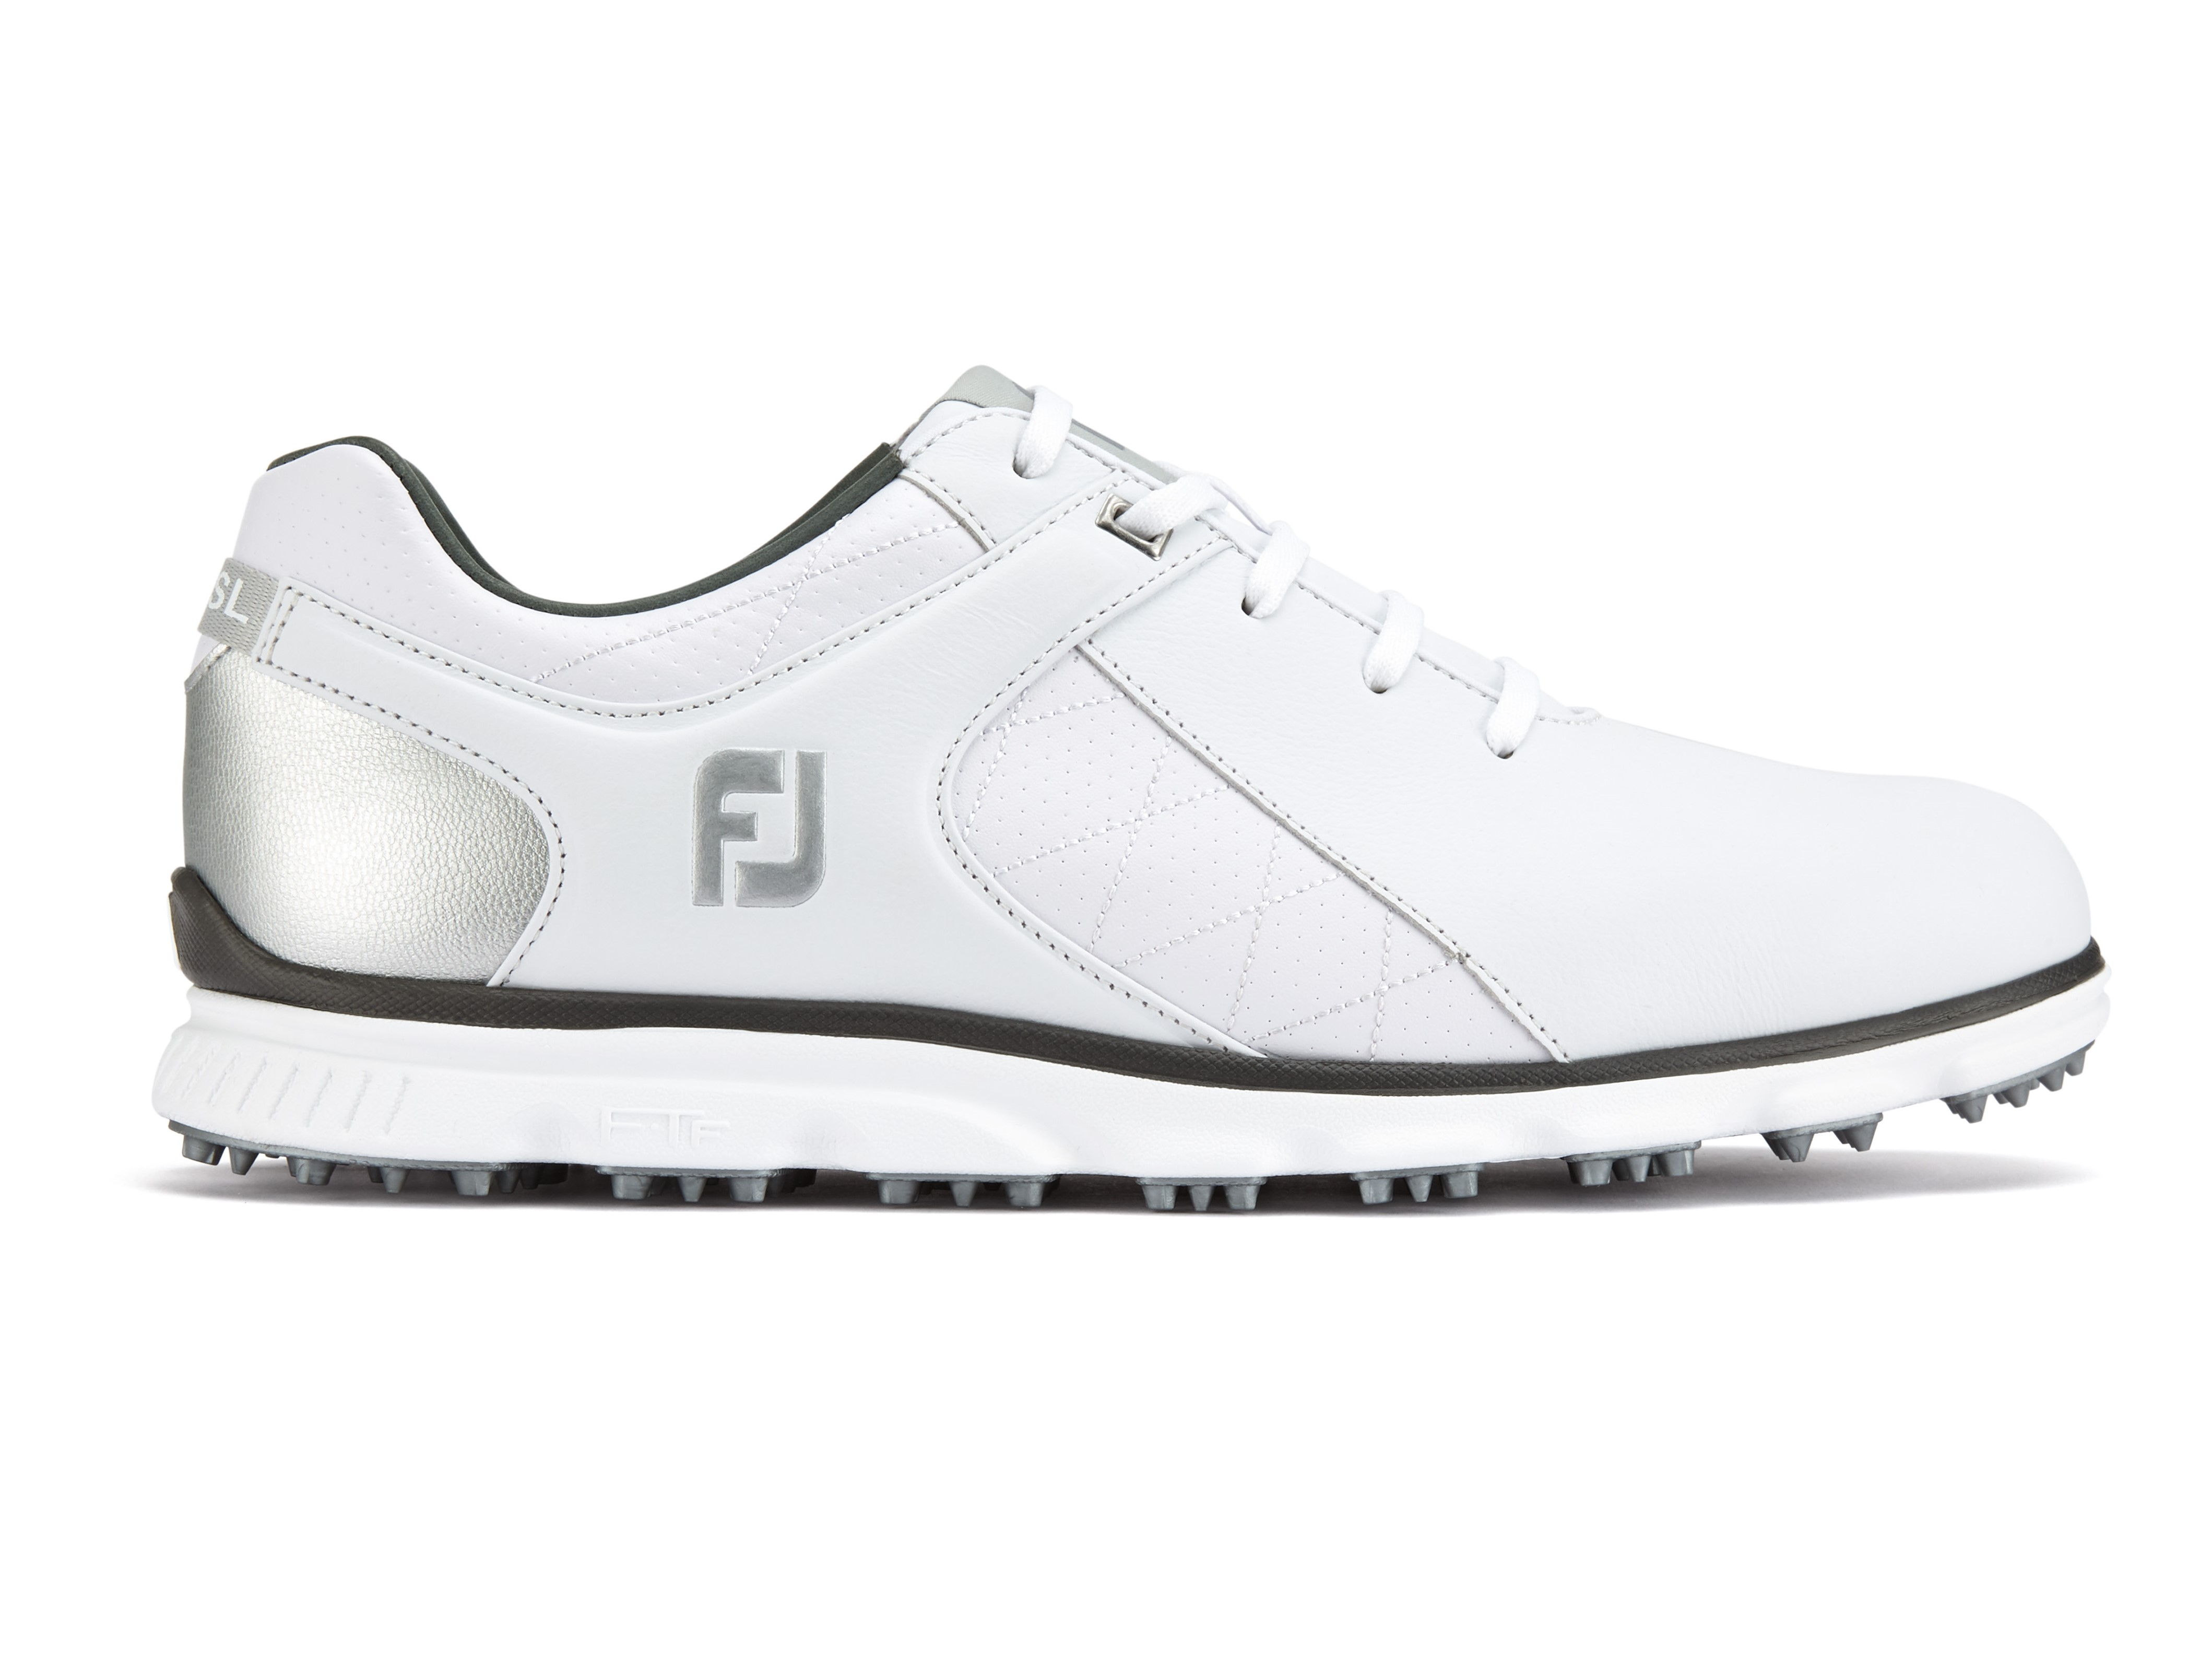 GolfMagic Reader Day  FootJoy Pro SL shoe testing  58415af8f5e1